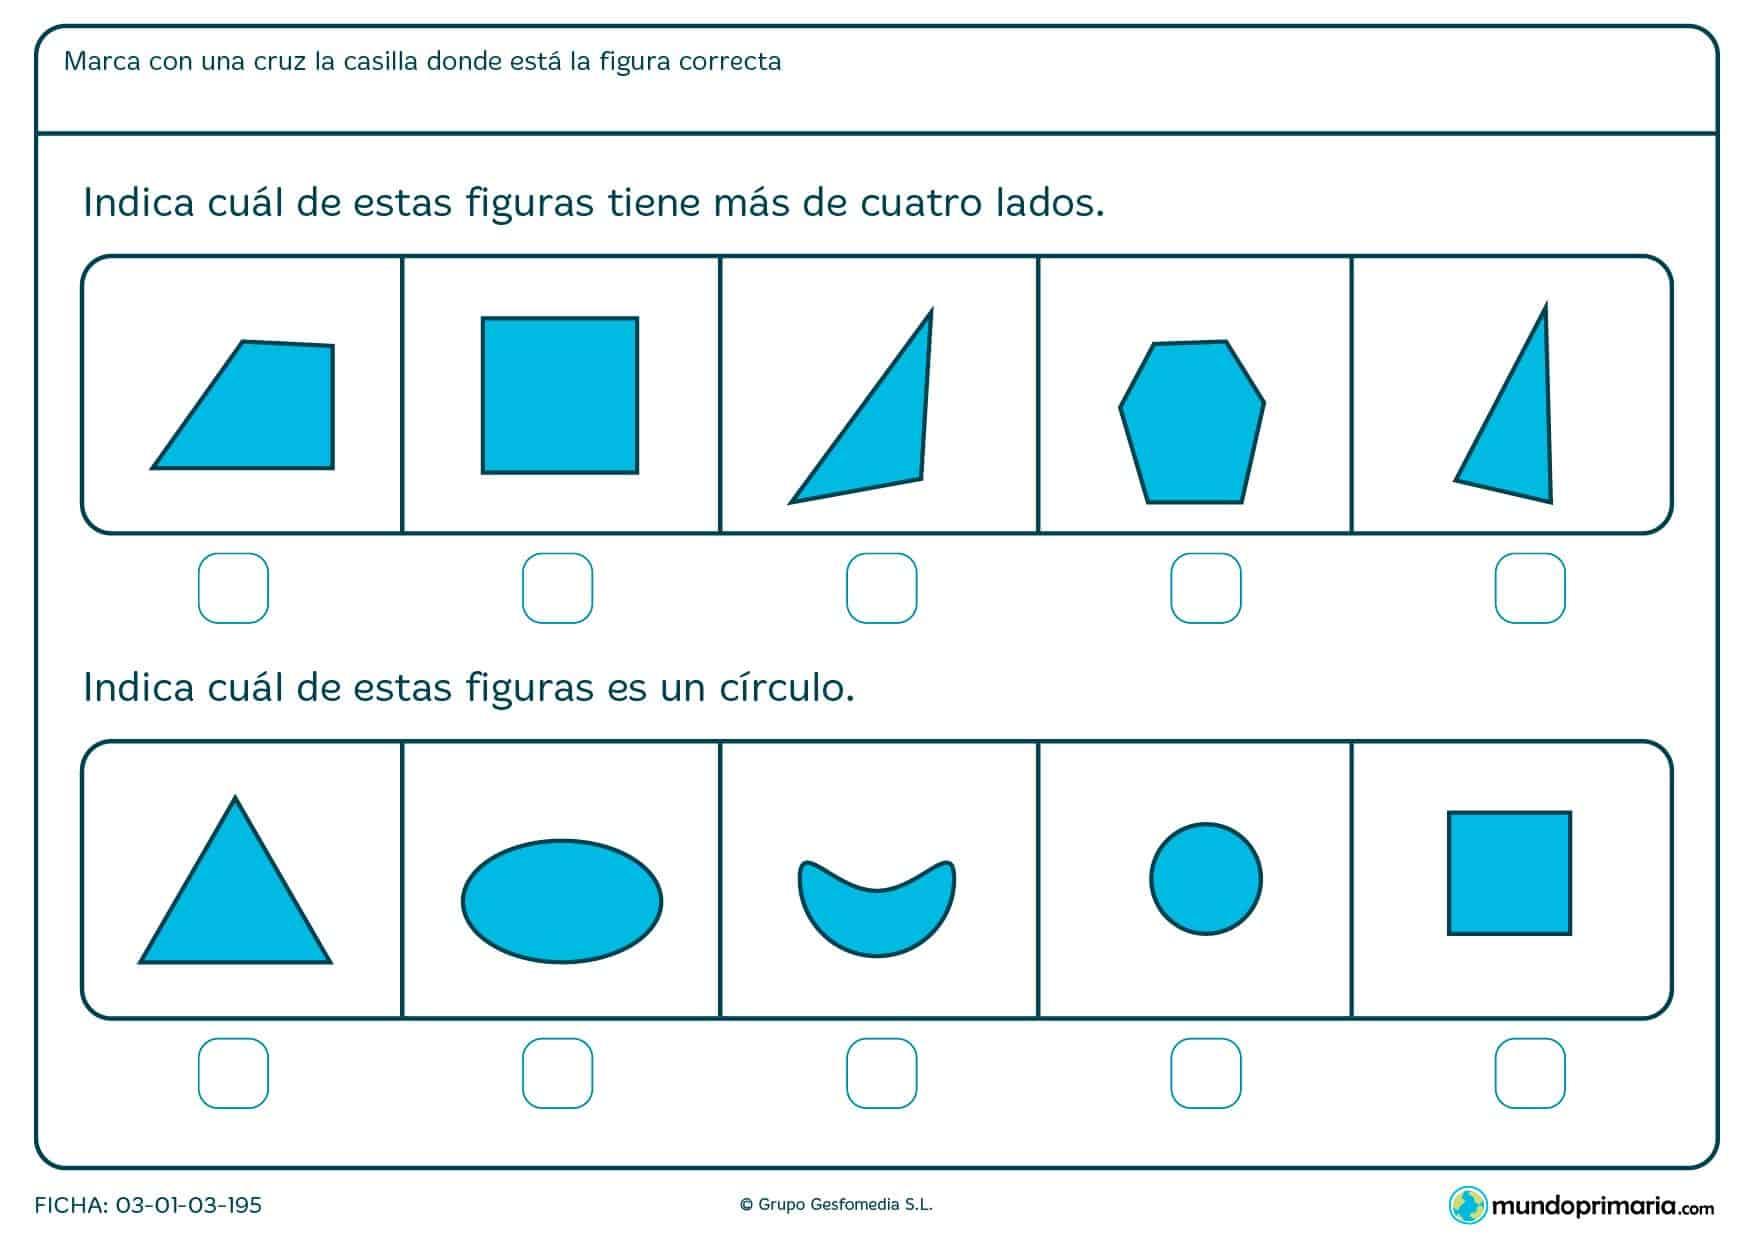 Ficha de símbolos con actividades para niños de 7 años